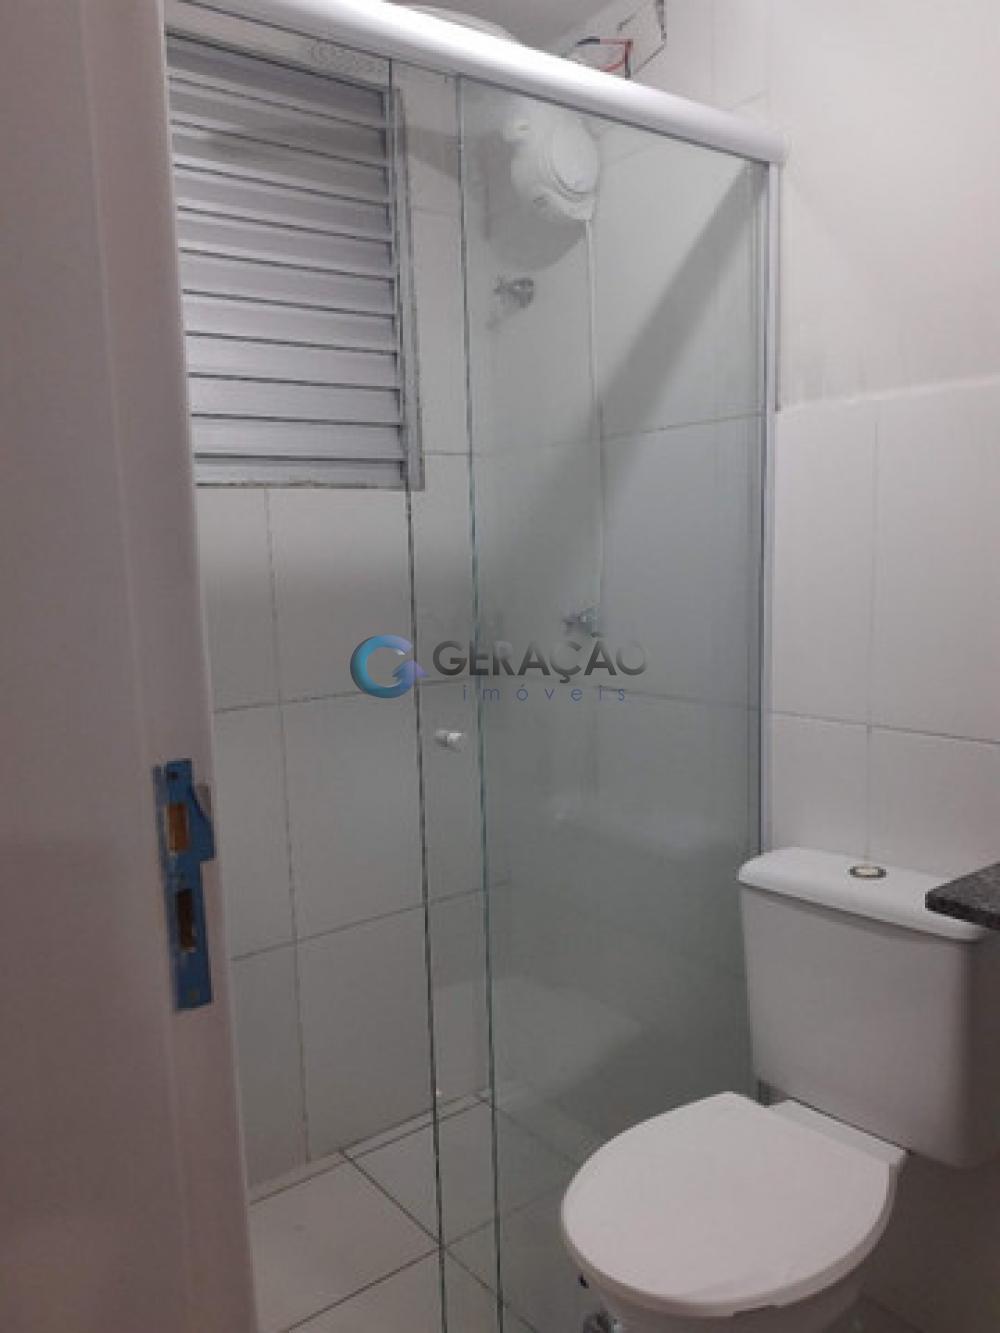 Comprar Apartamento / Padrão em São José dos Campos R$ 210.000,00 - Foto 7